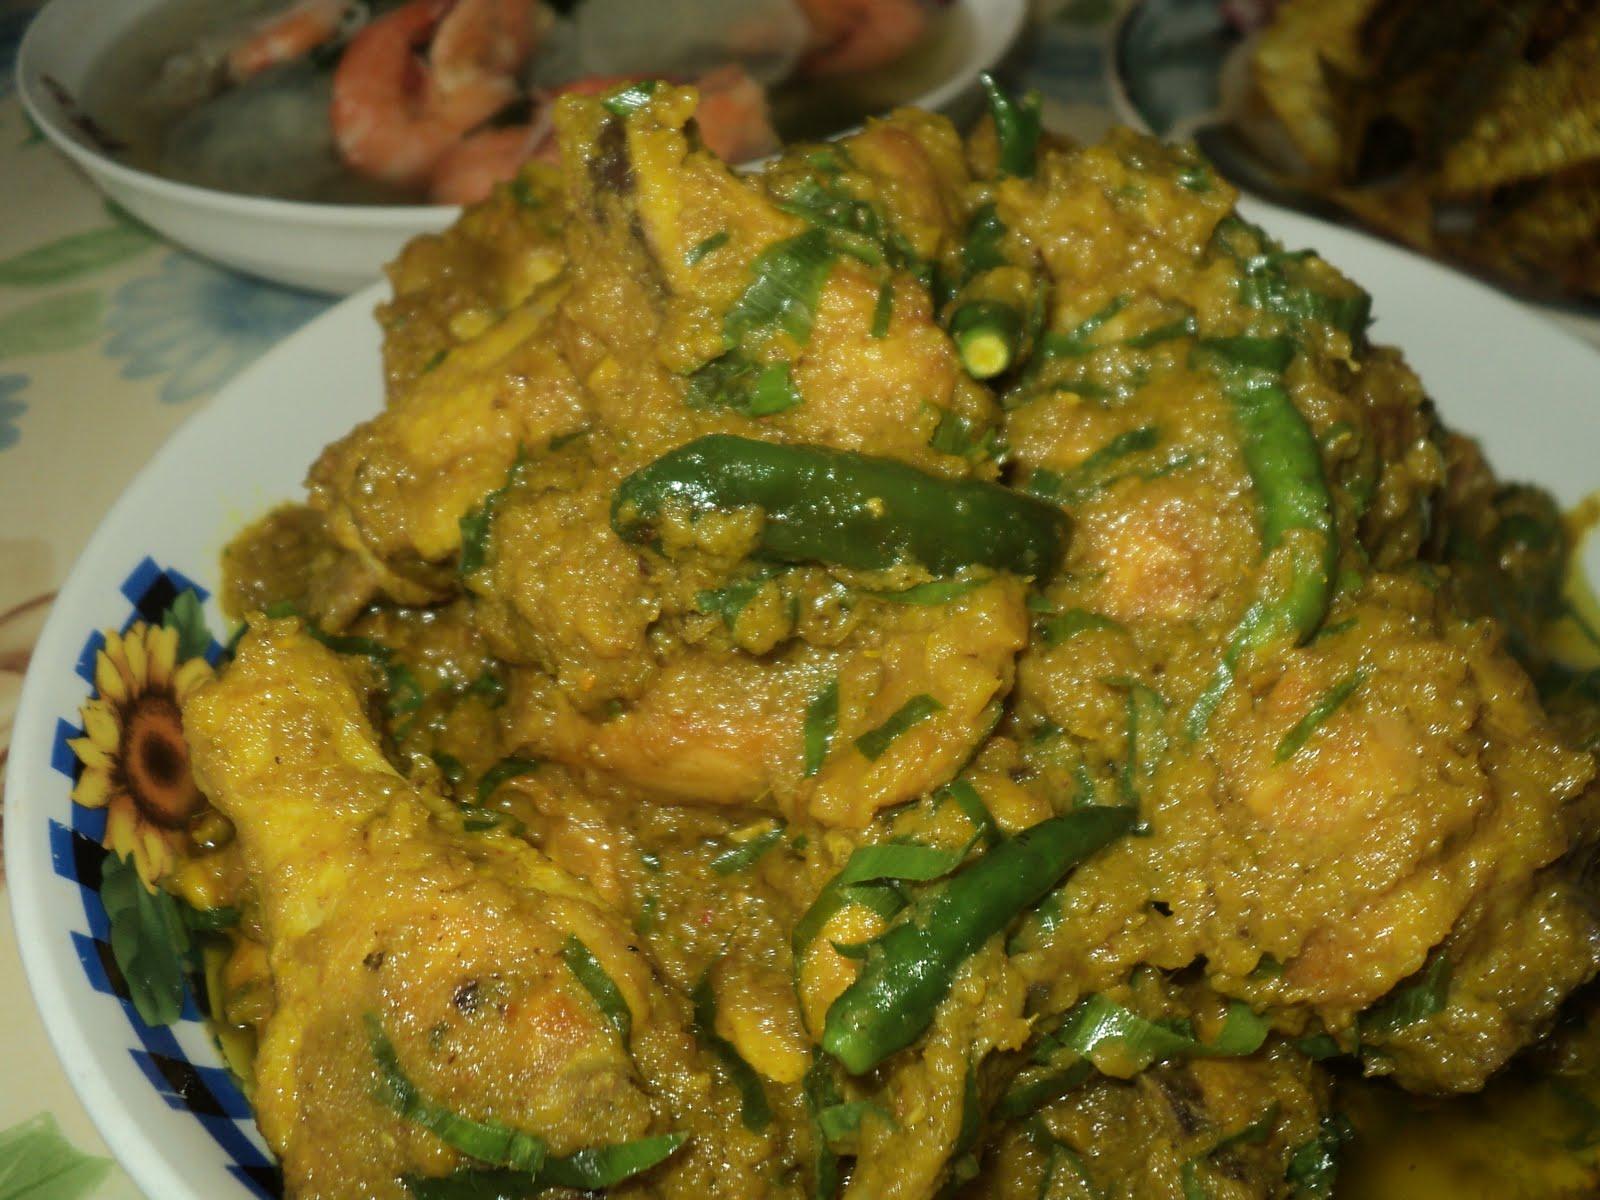 resepi rendang ayam negeri sembilan  sedap lamaran Resepi Rendang Ayam Tanpa Kerisik Enak dan Mudah